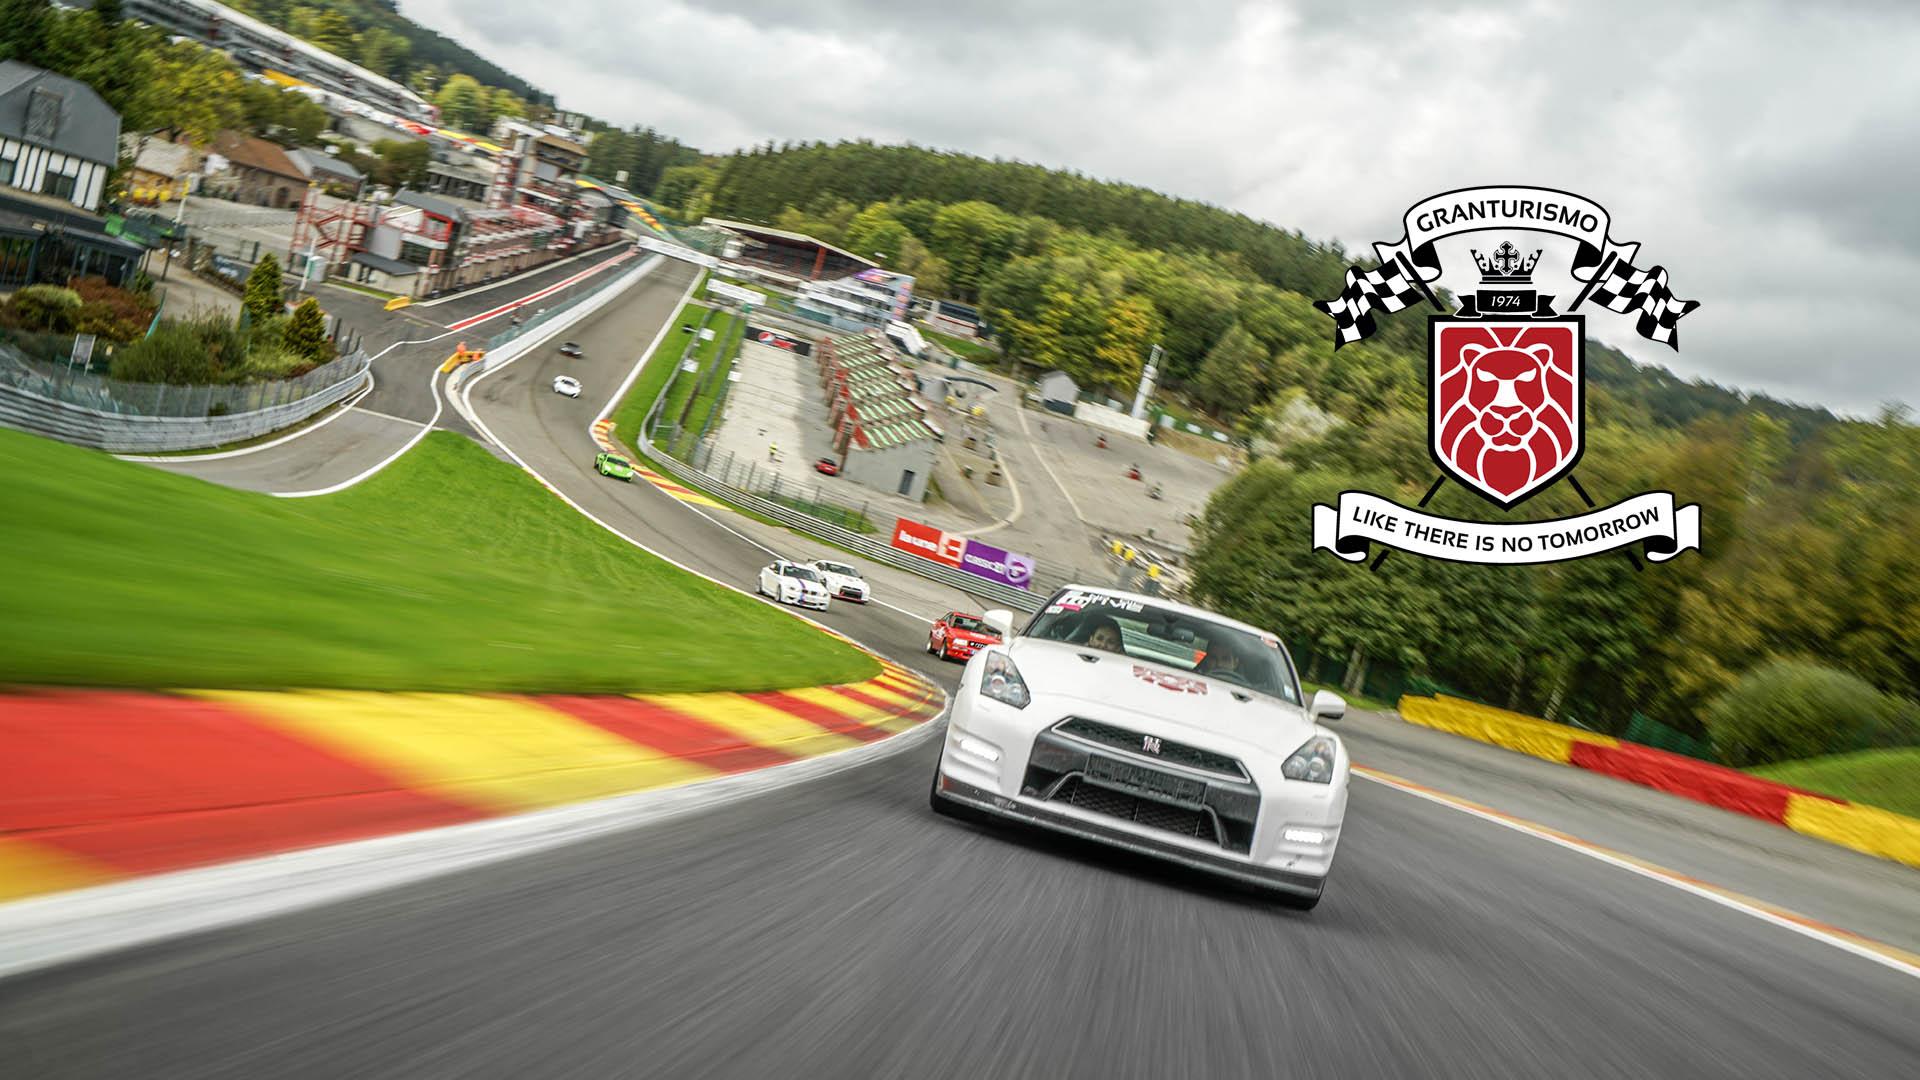 Gran Turismo Spa 2018 | Gran Turismo Events - Like there ...